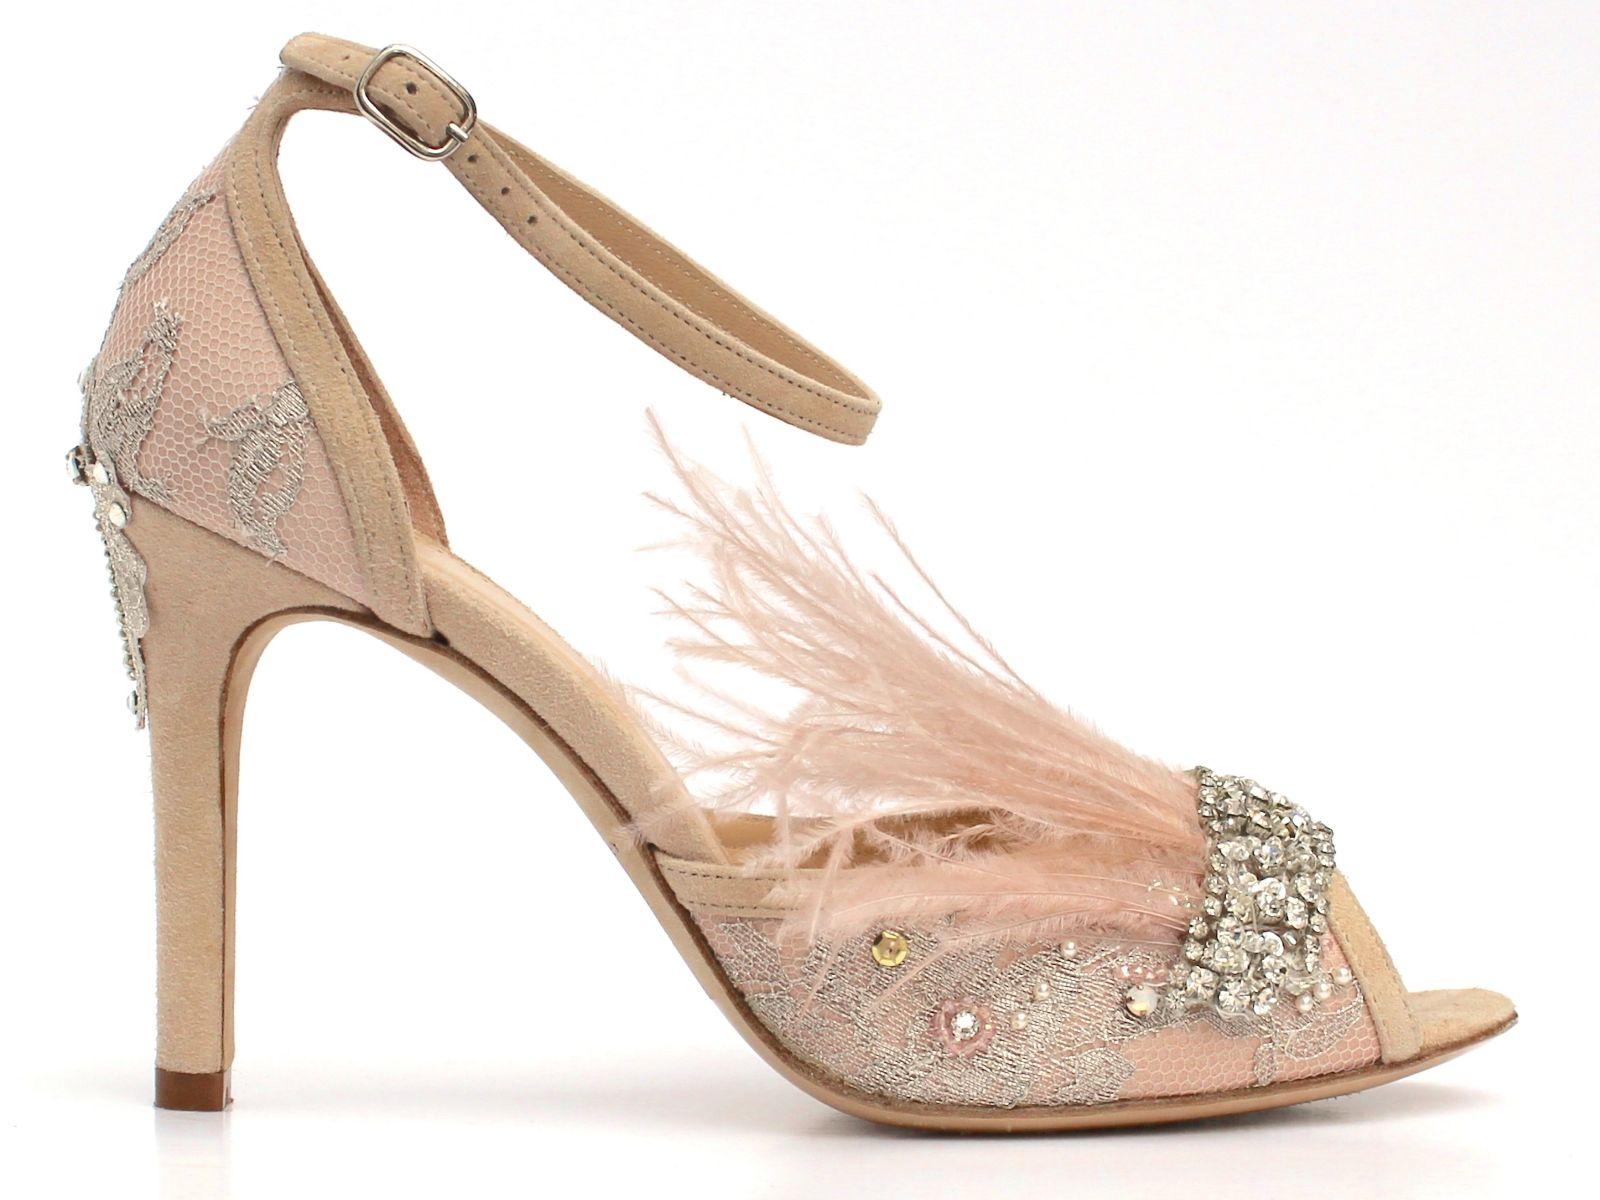 Nettie vintage wedding shoes Boho Bride boutique